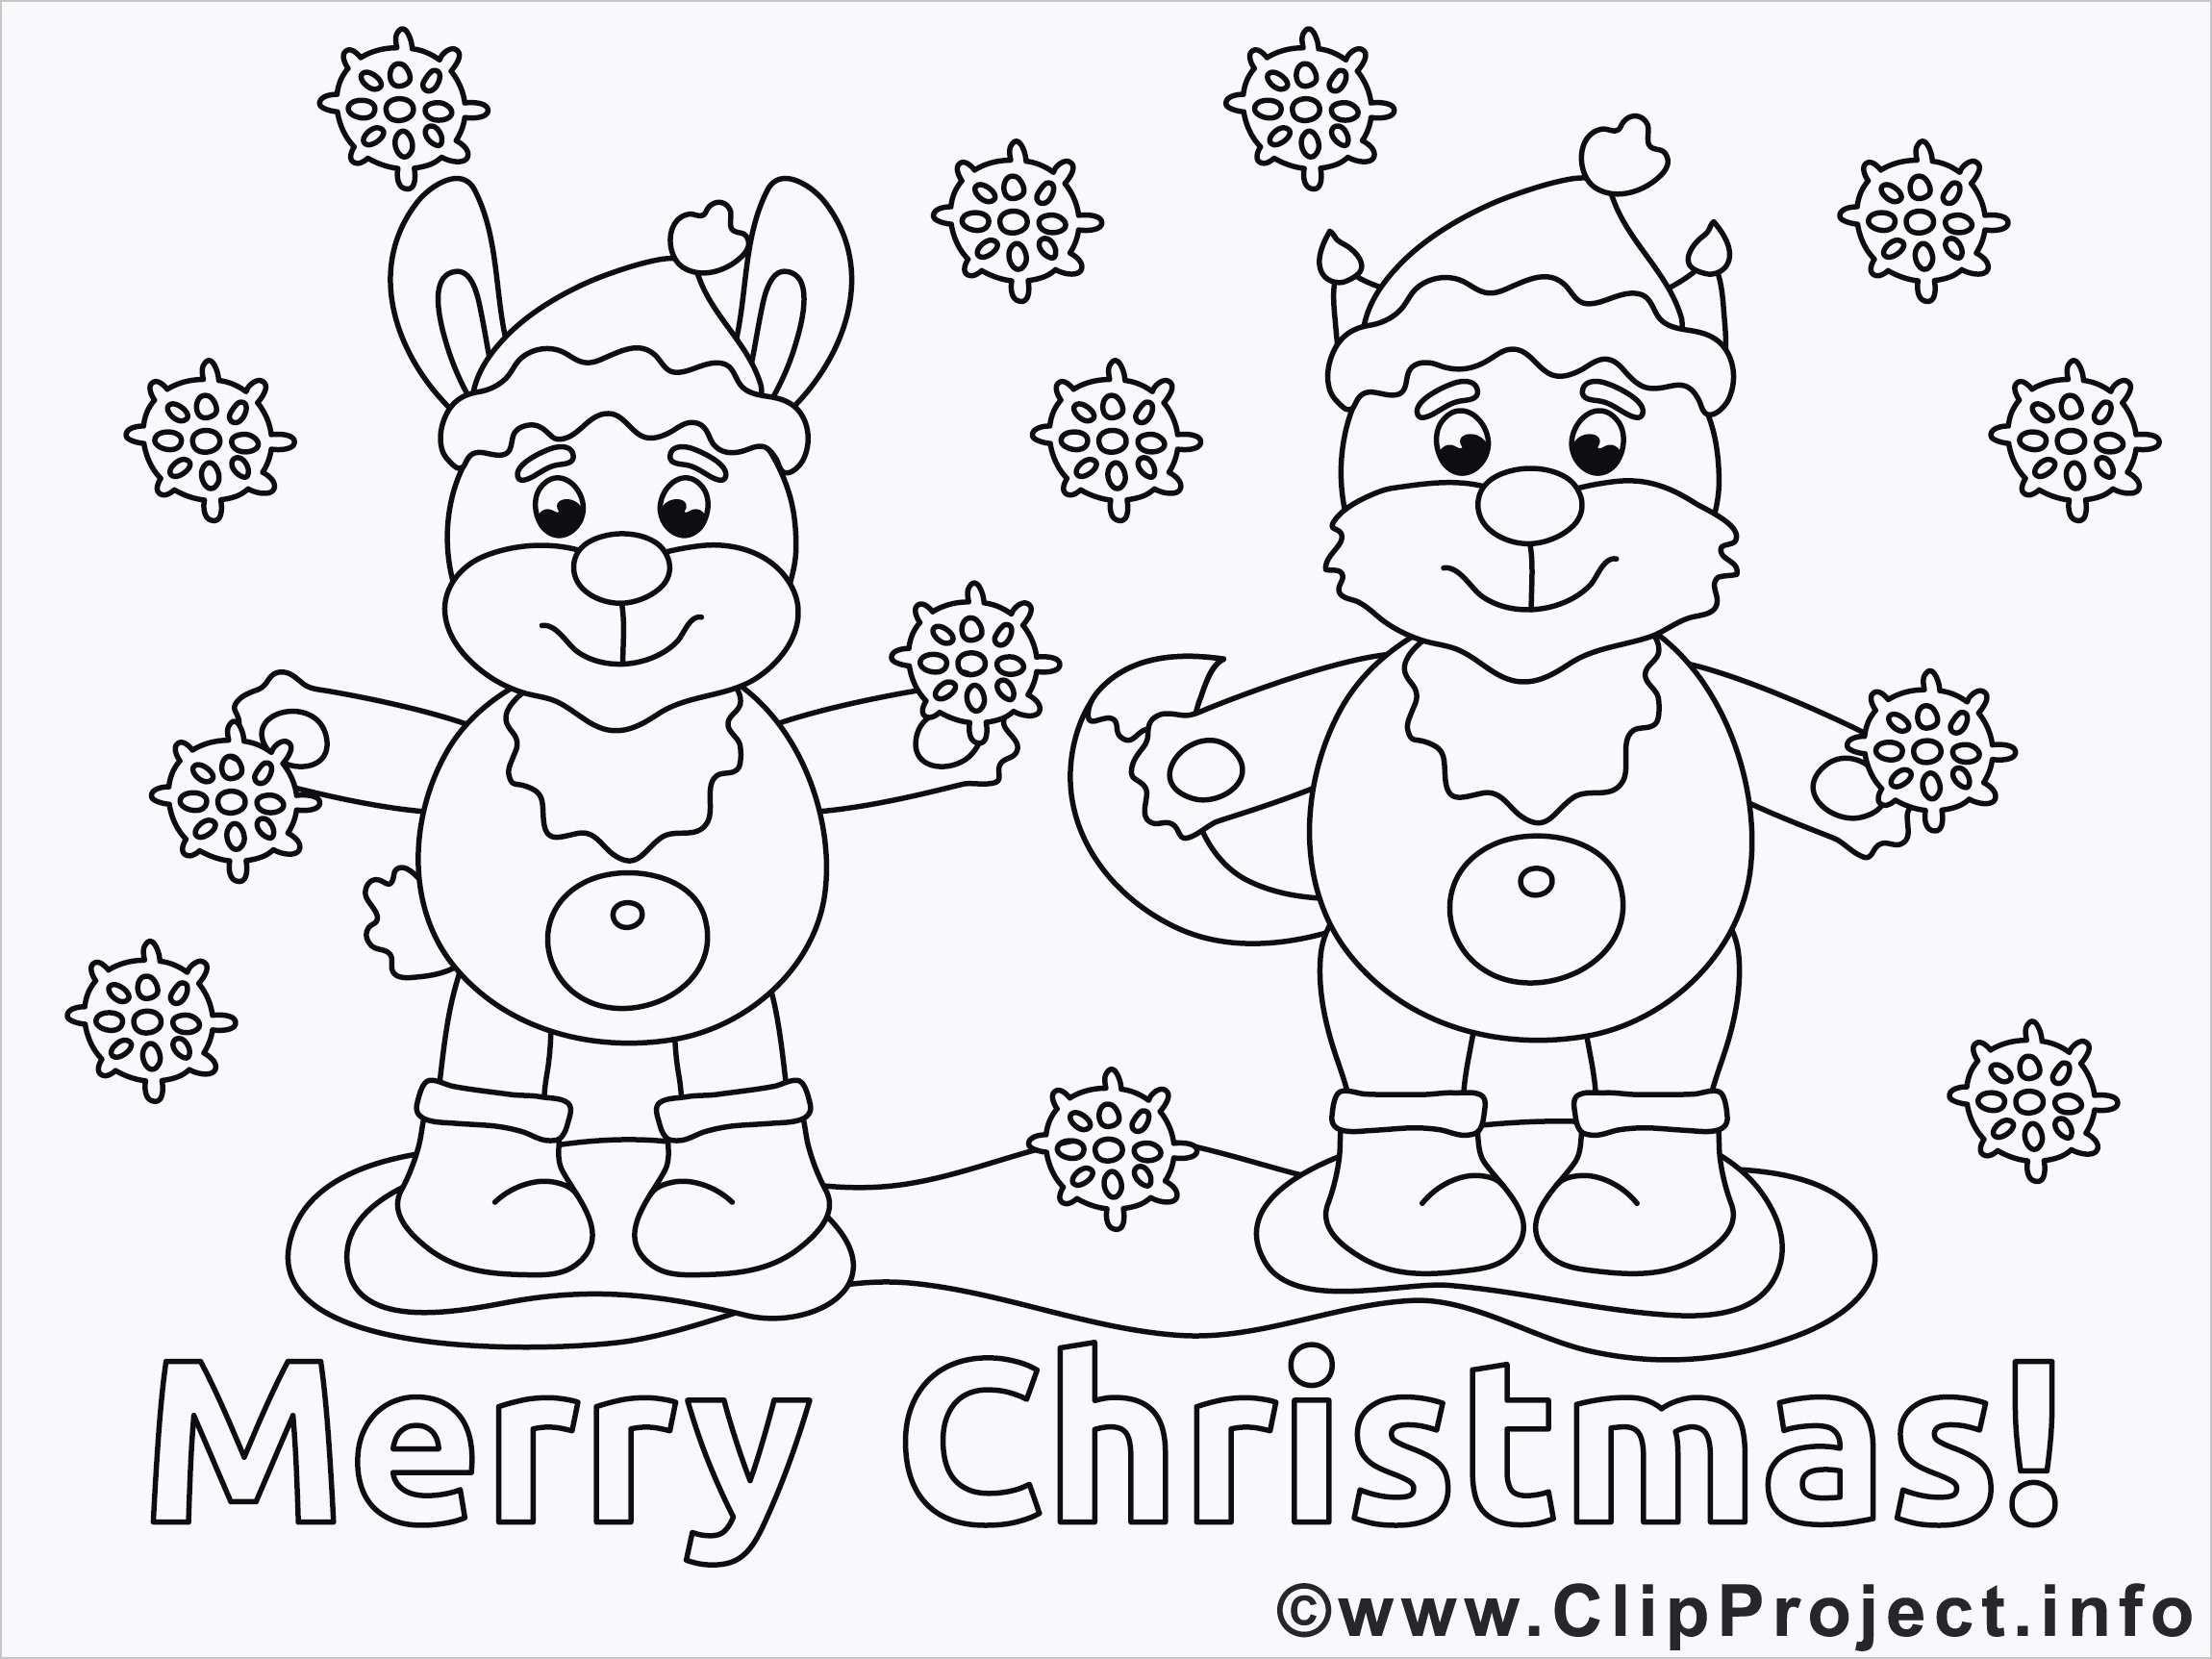 Ausmalbilder Weihnachten Ausdrucken Kostenlos Einzigartig Bloß Ausmalbilder Weihnachten Tannenbaum Mit Geschenken Das Bild